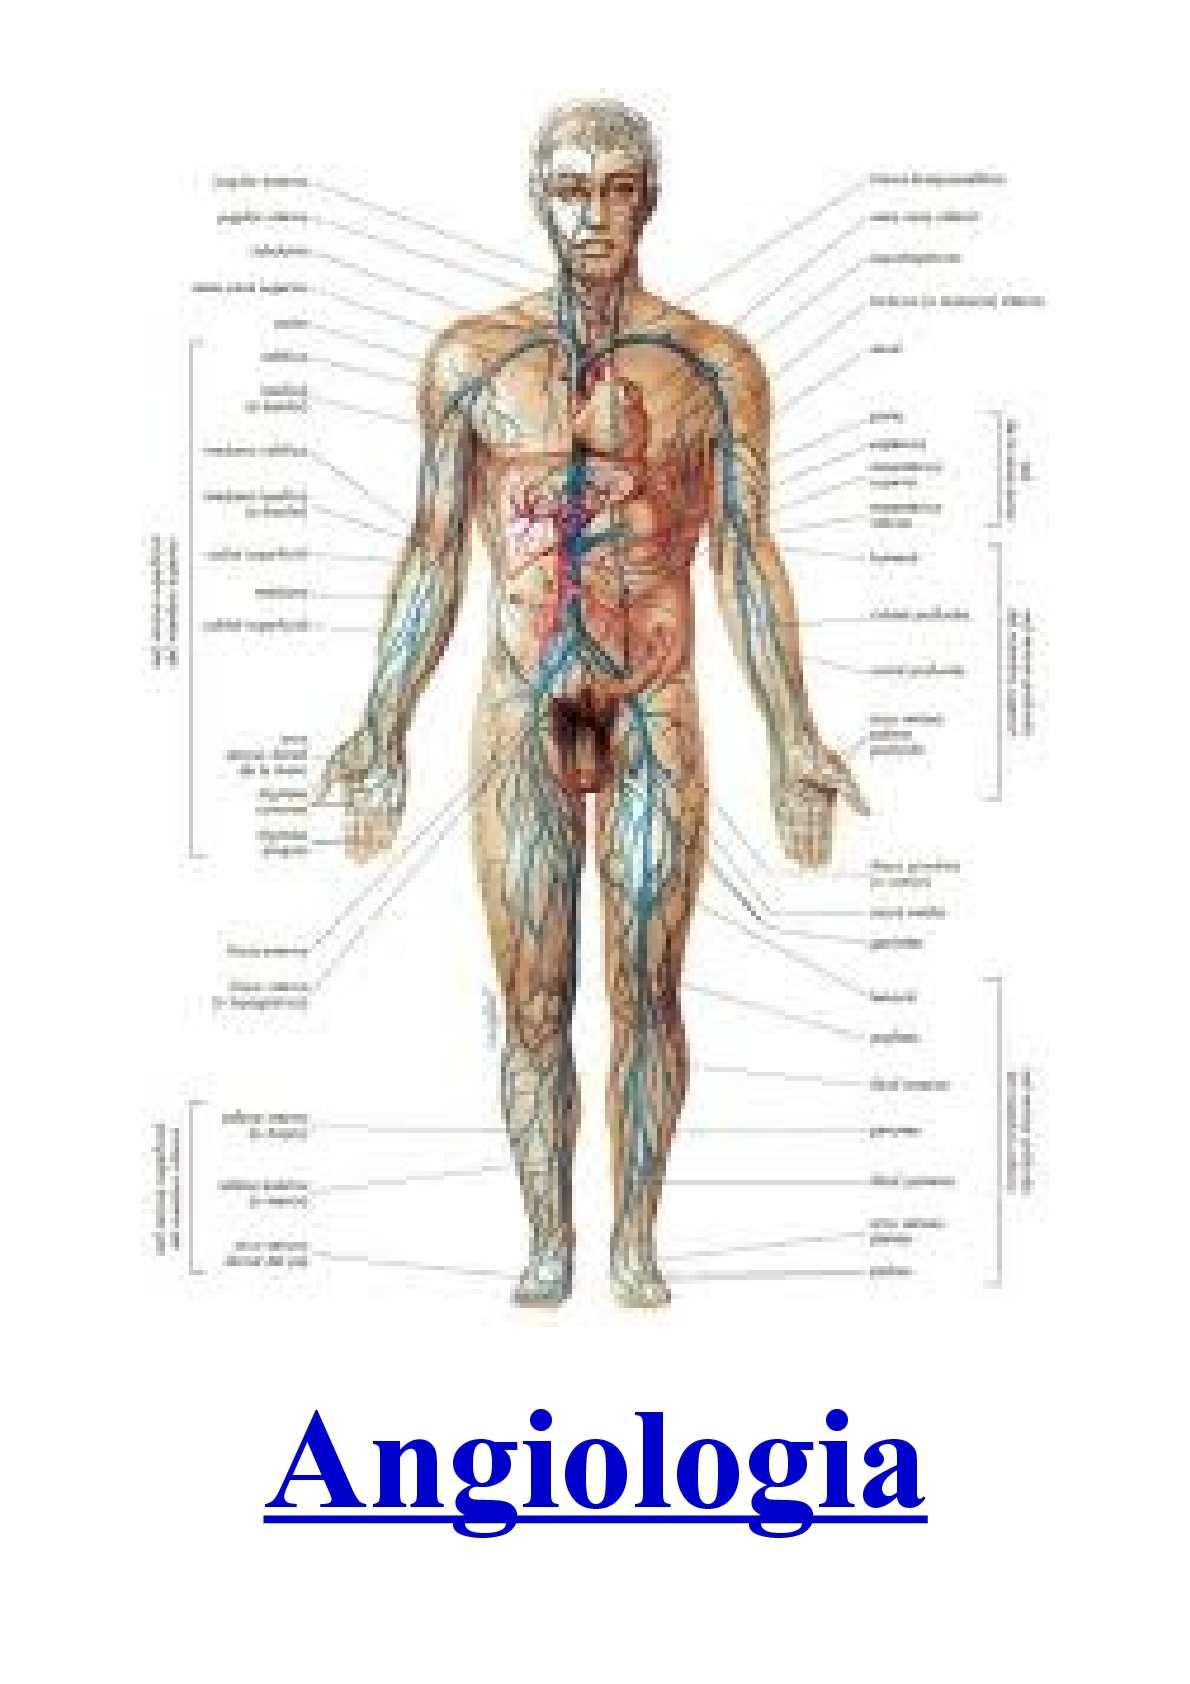 Calaméo - Saúde - Angiologia